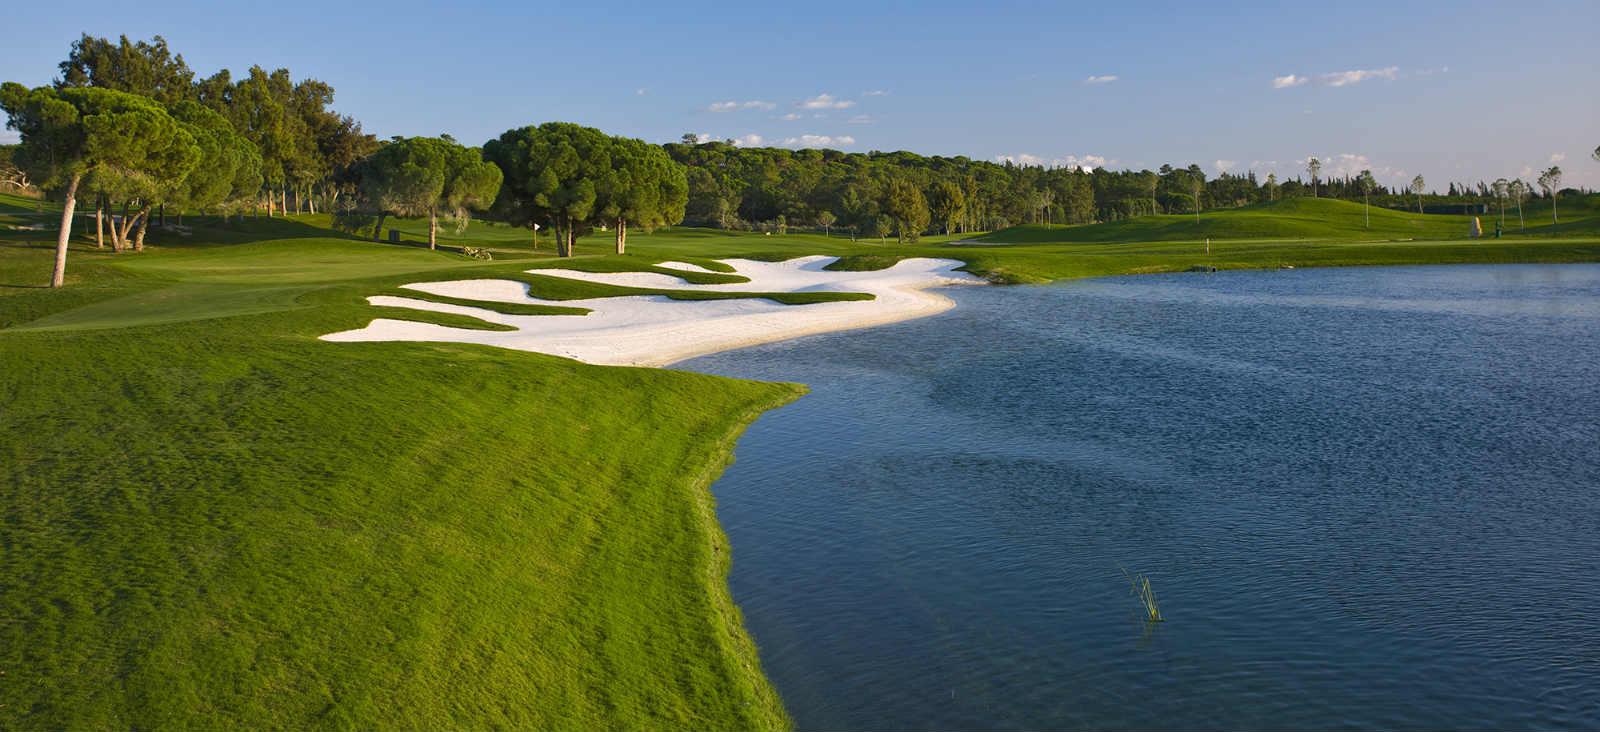 Quinta do Lago Laranjal Golf Course